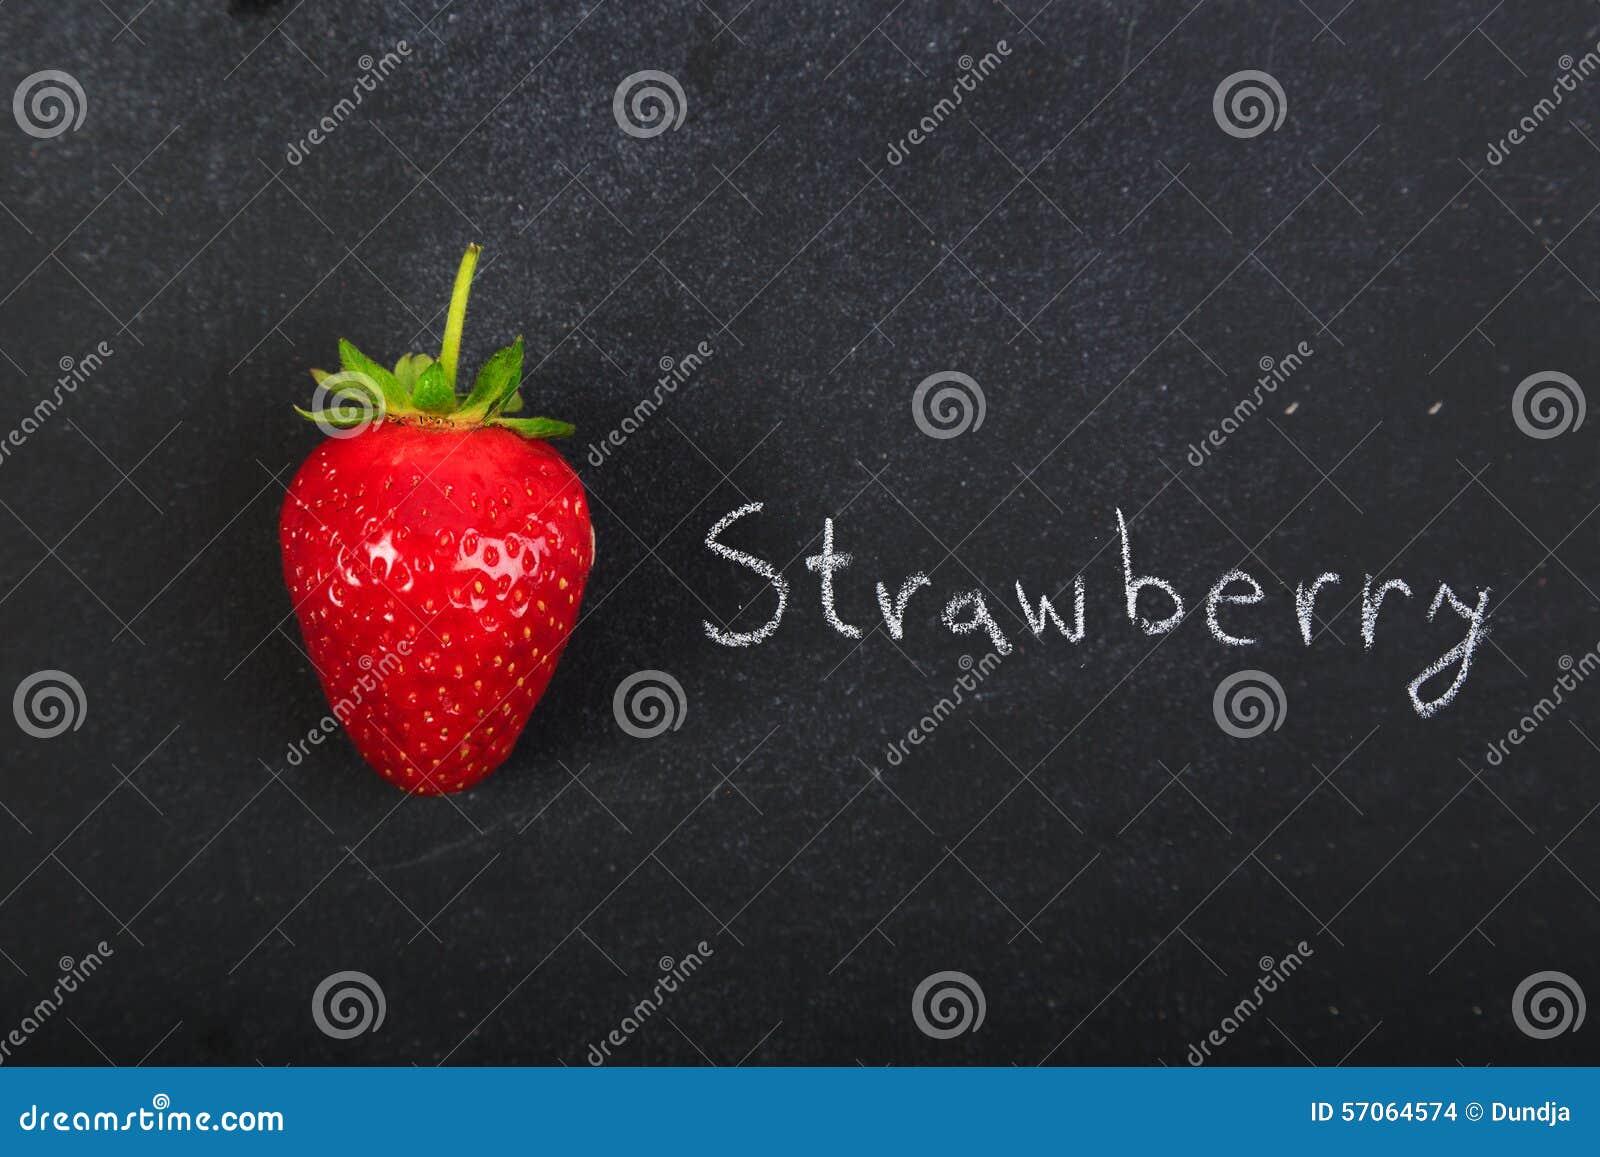 Strewberry